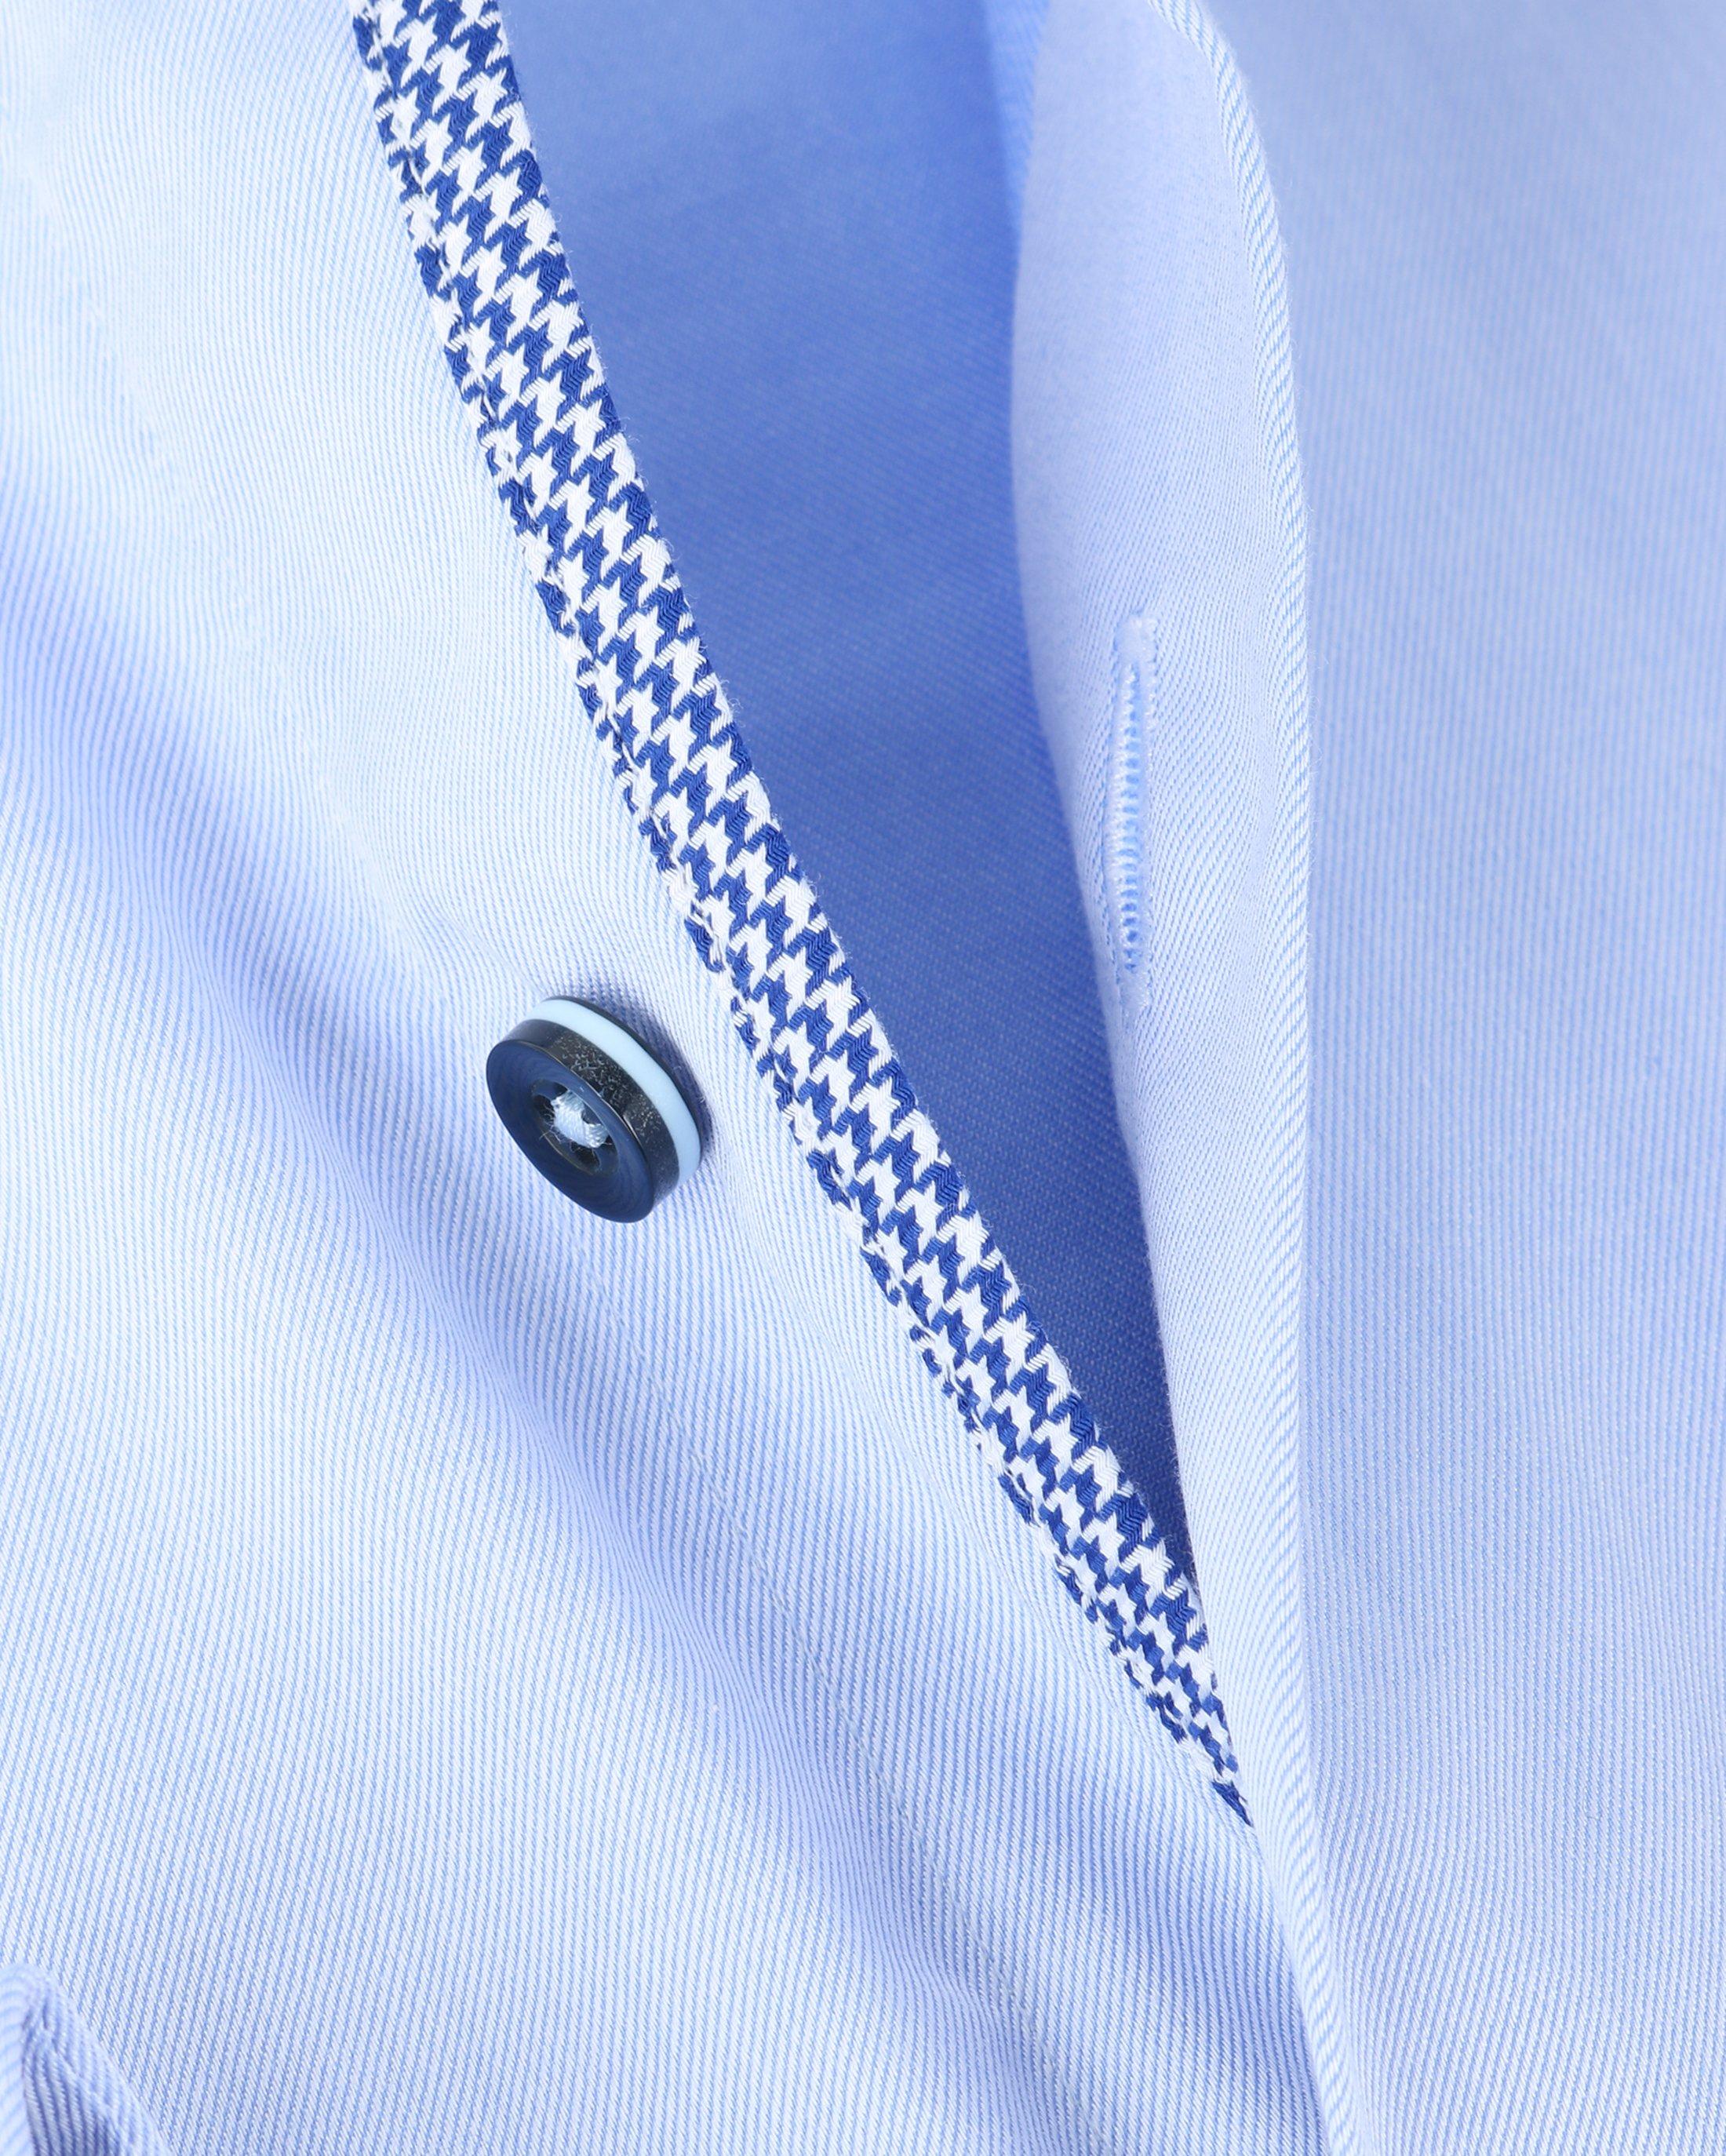 Suitable Overhemd SL7 Blauw 140-2 foto 3